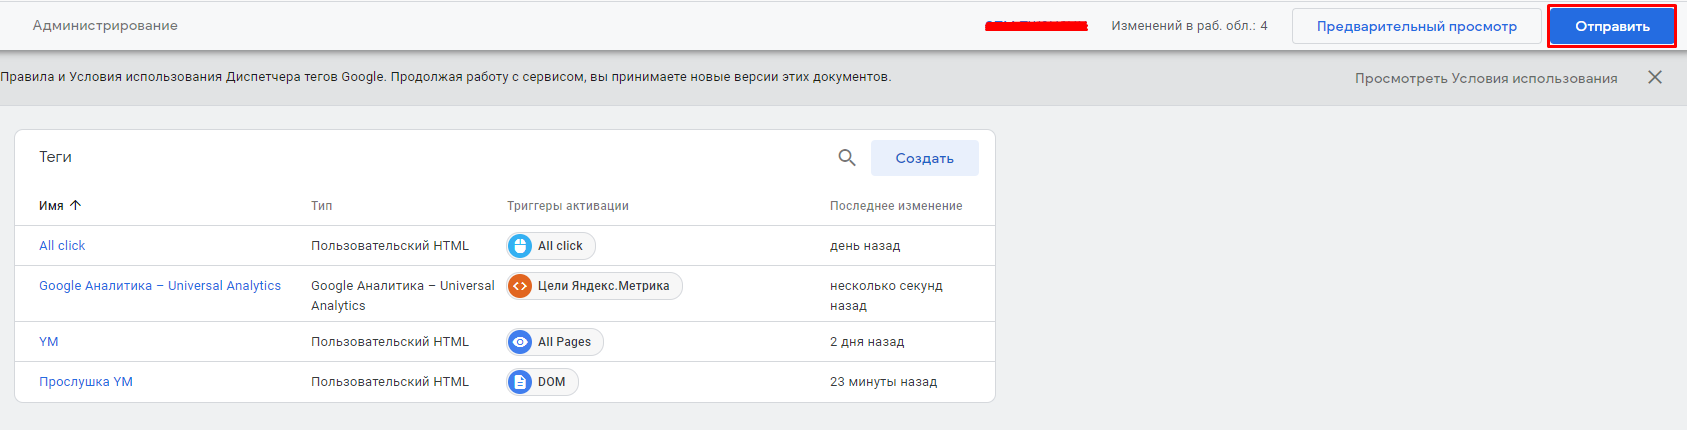 Как продублировать цели из Яндекс.Метрики в Google Analytics - 6